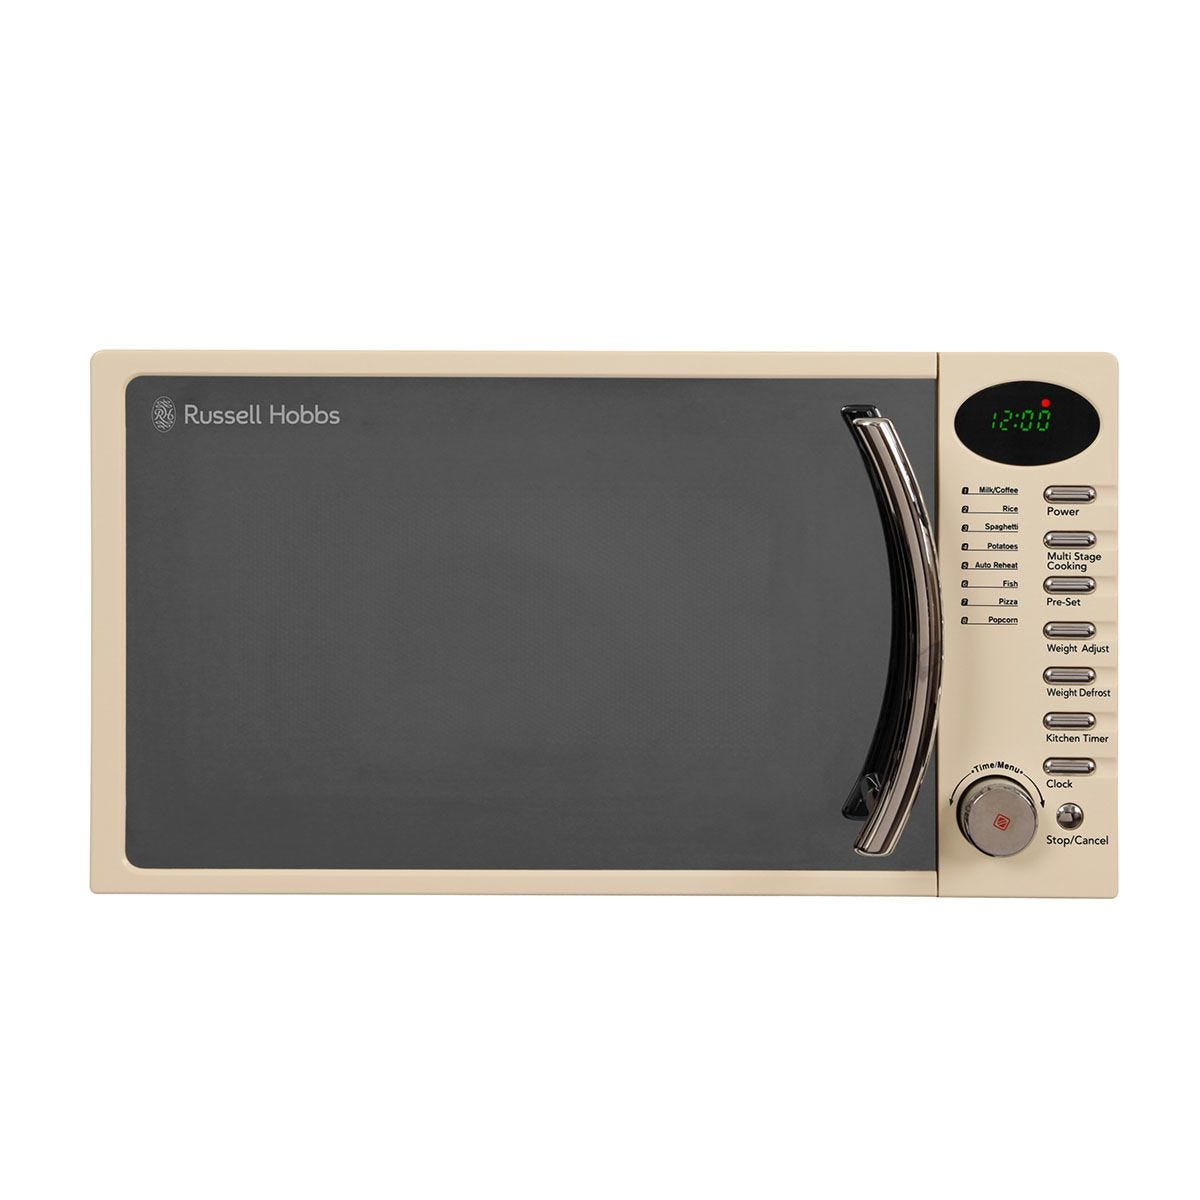 Russell Hobbs RHM1714CC Legacy 700W Digital 17L Solo Microwave - Cream